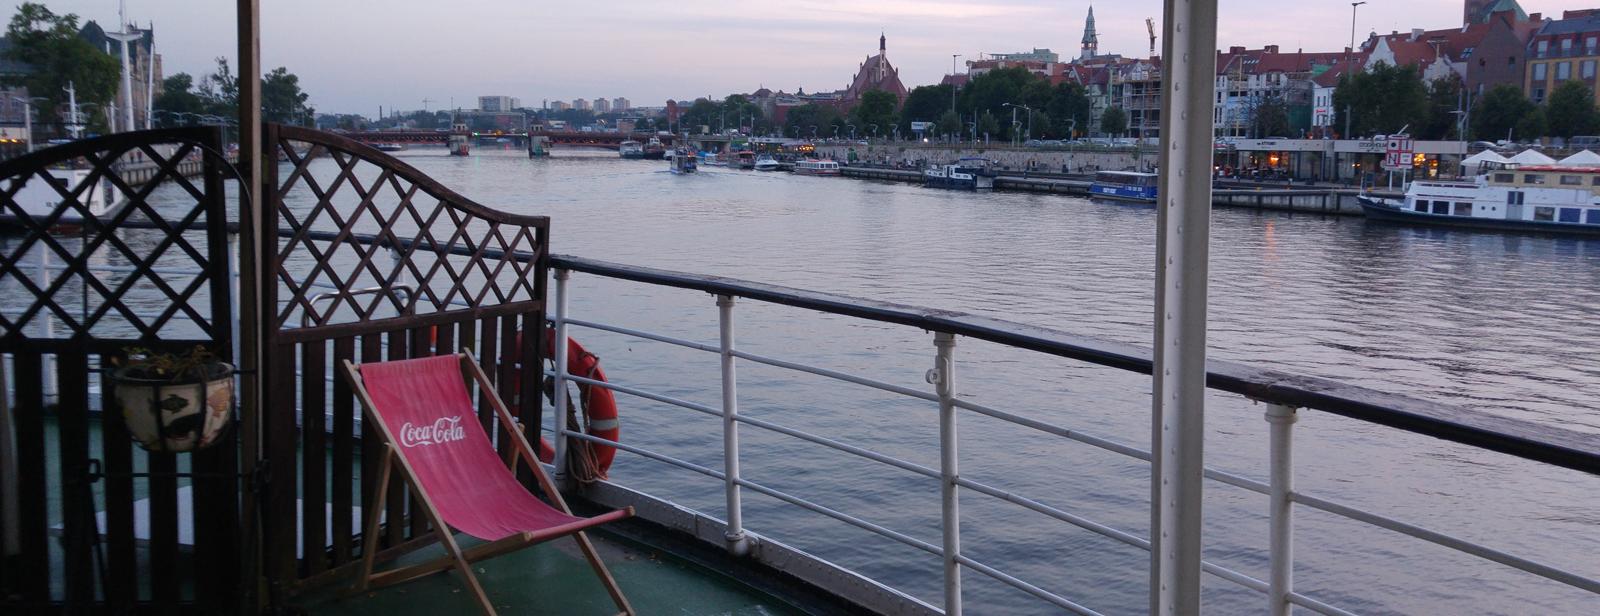 Weiter nach Stettin - Kapitäne für eine Nacht